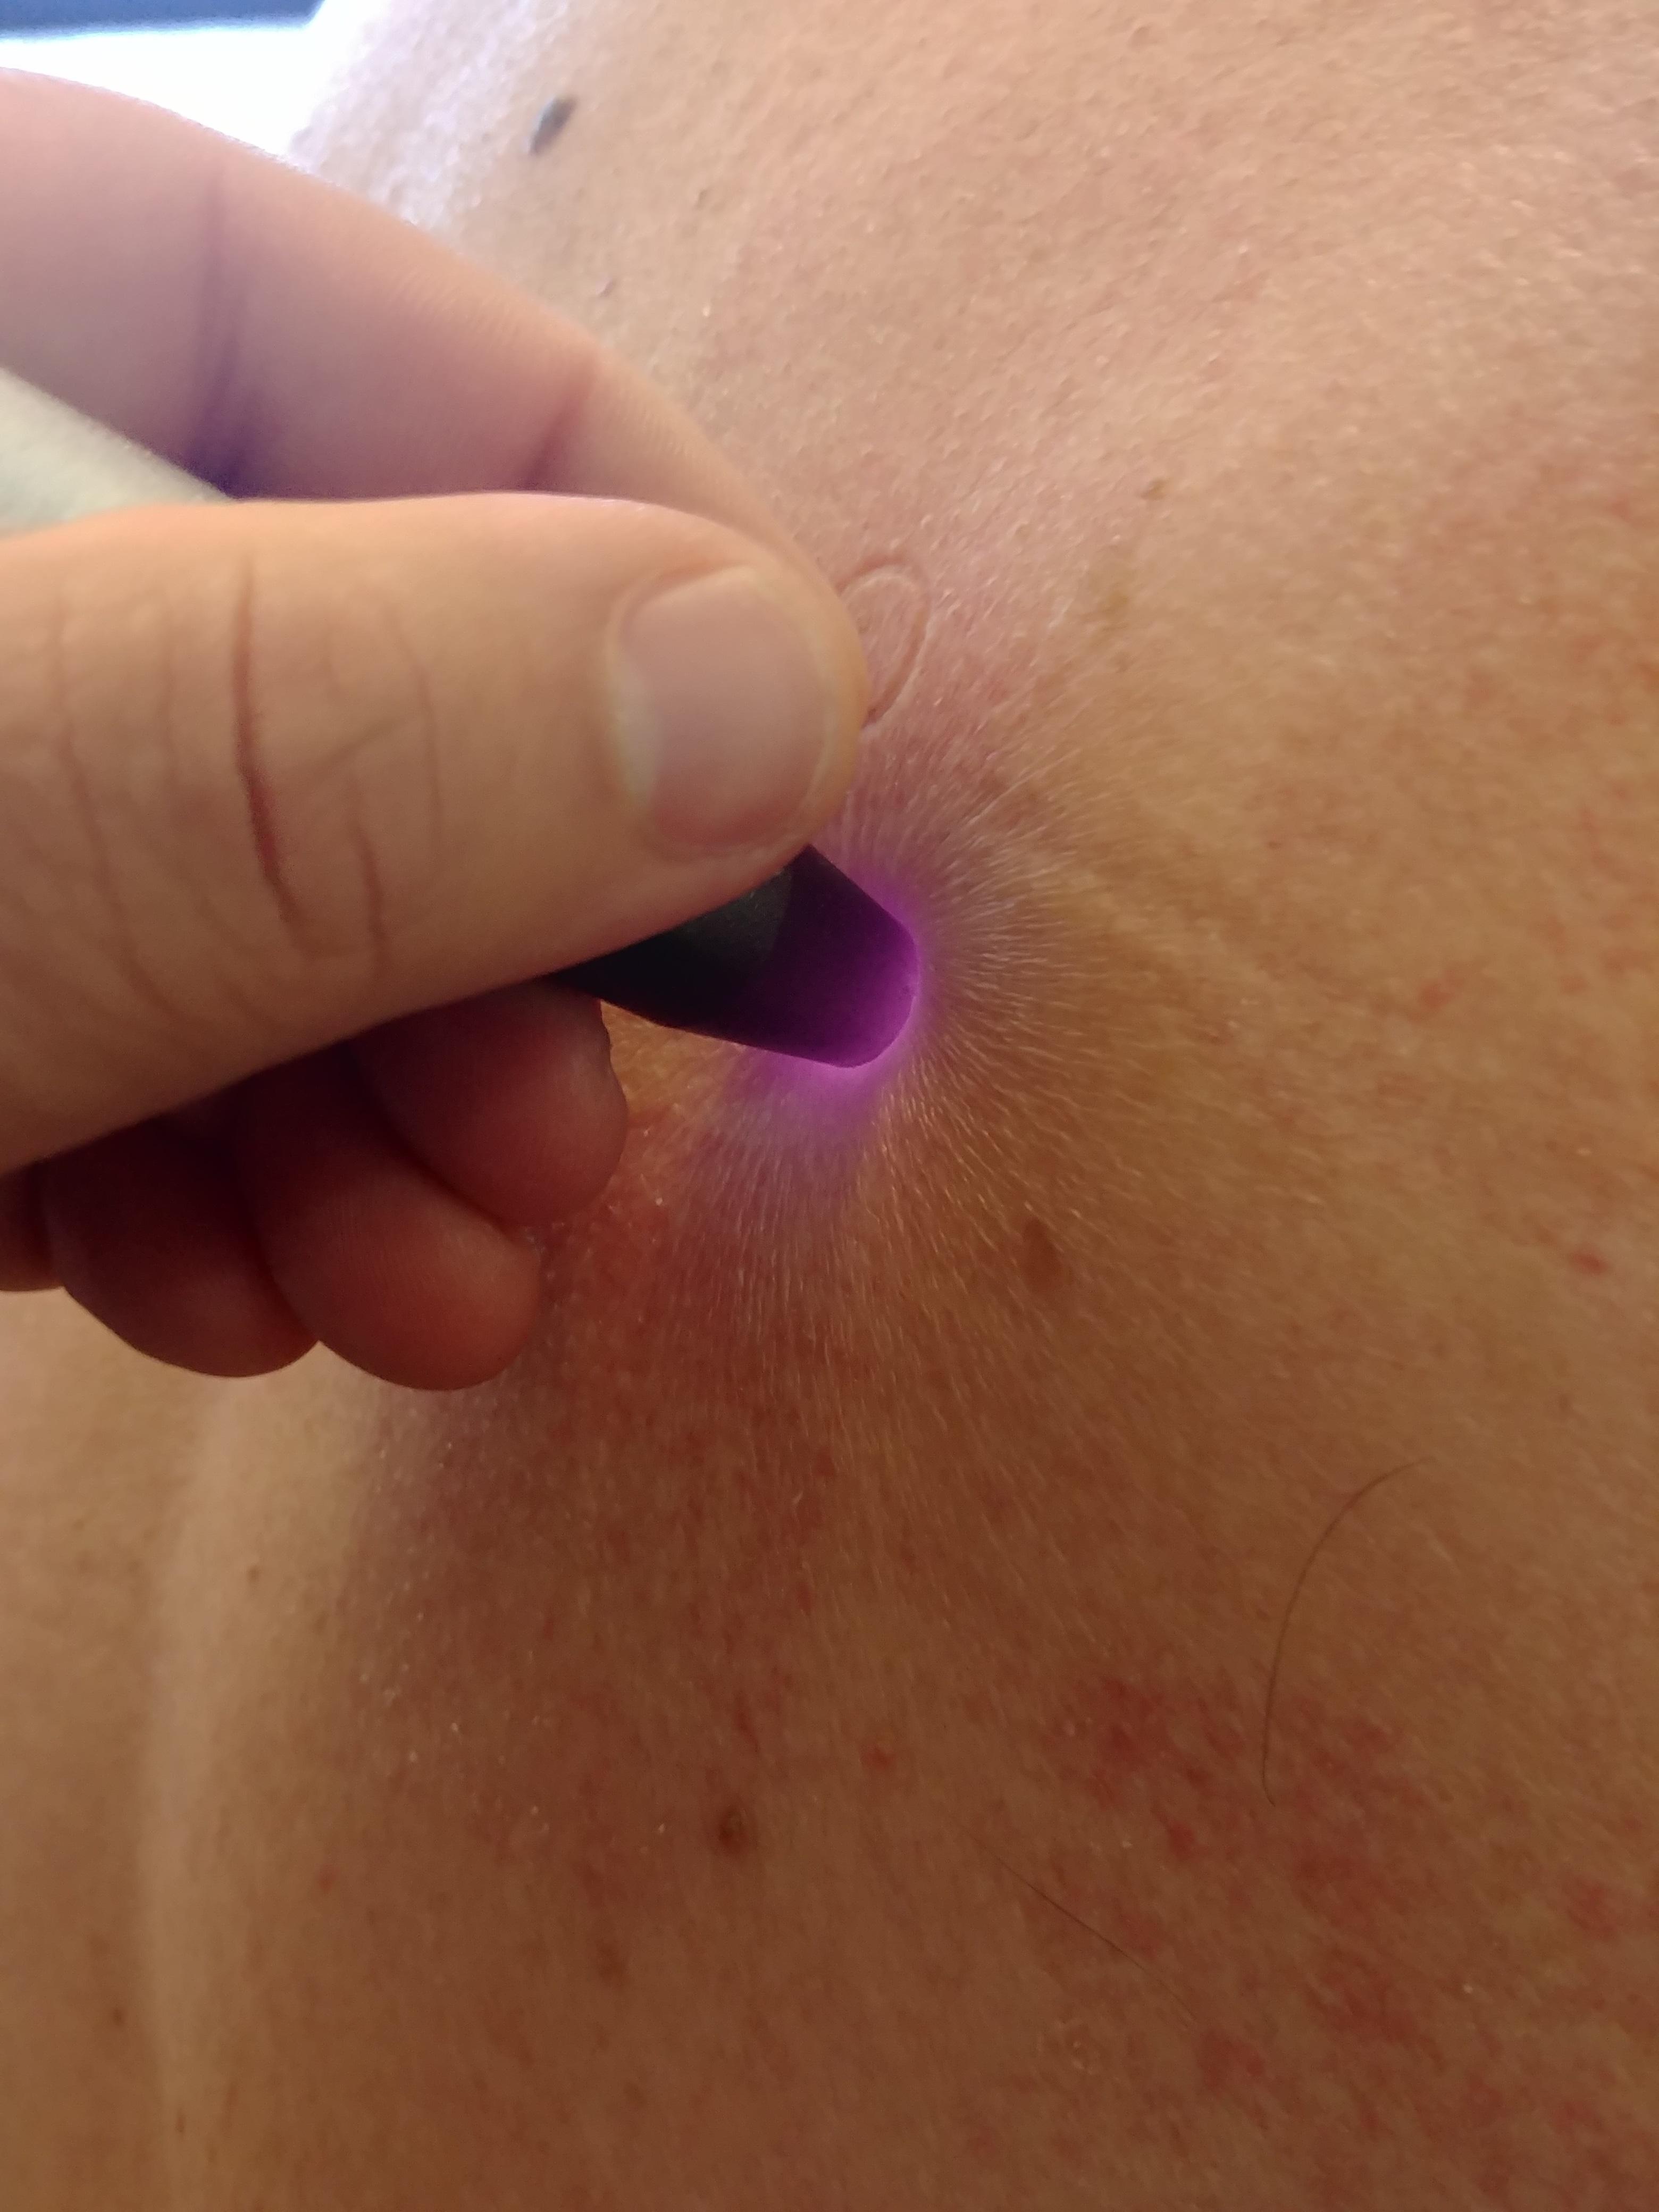 Fisioterapia Domiciliar - Laserterapia em Ombro